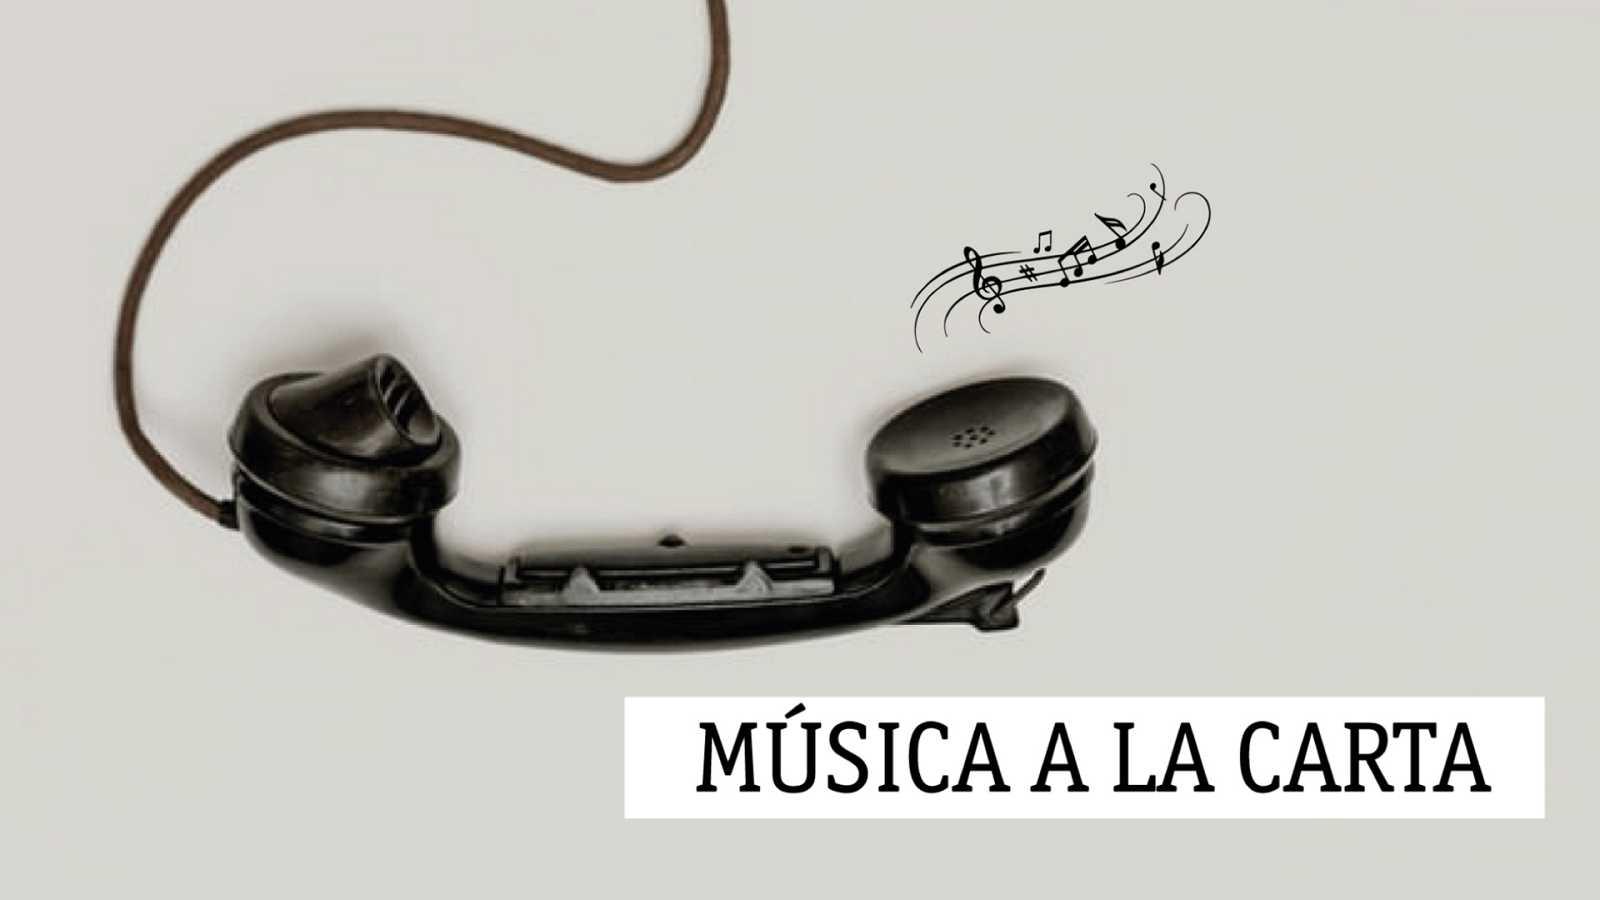 Música a la carta - 10/02/21 - escuchar ahora